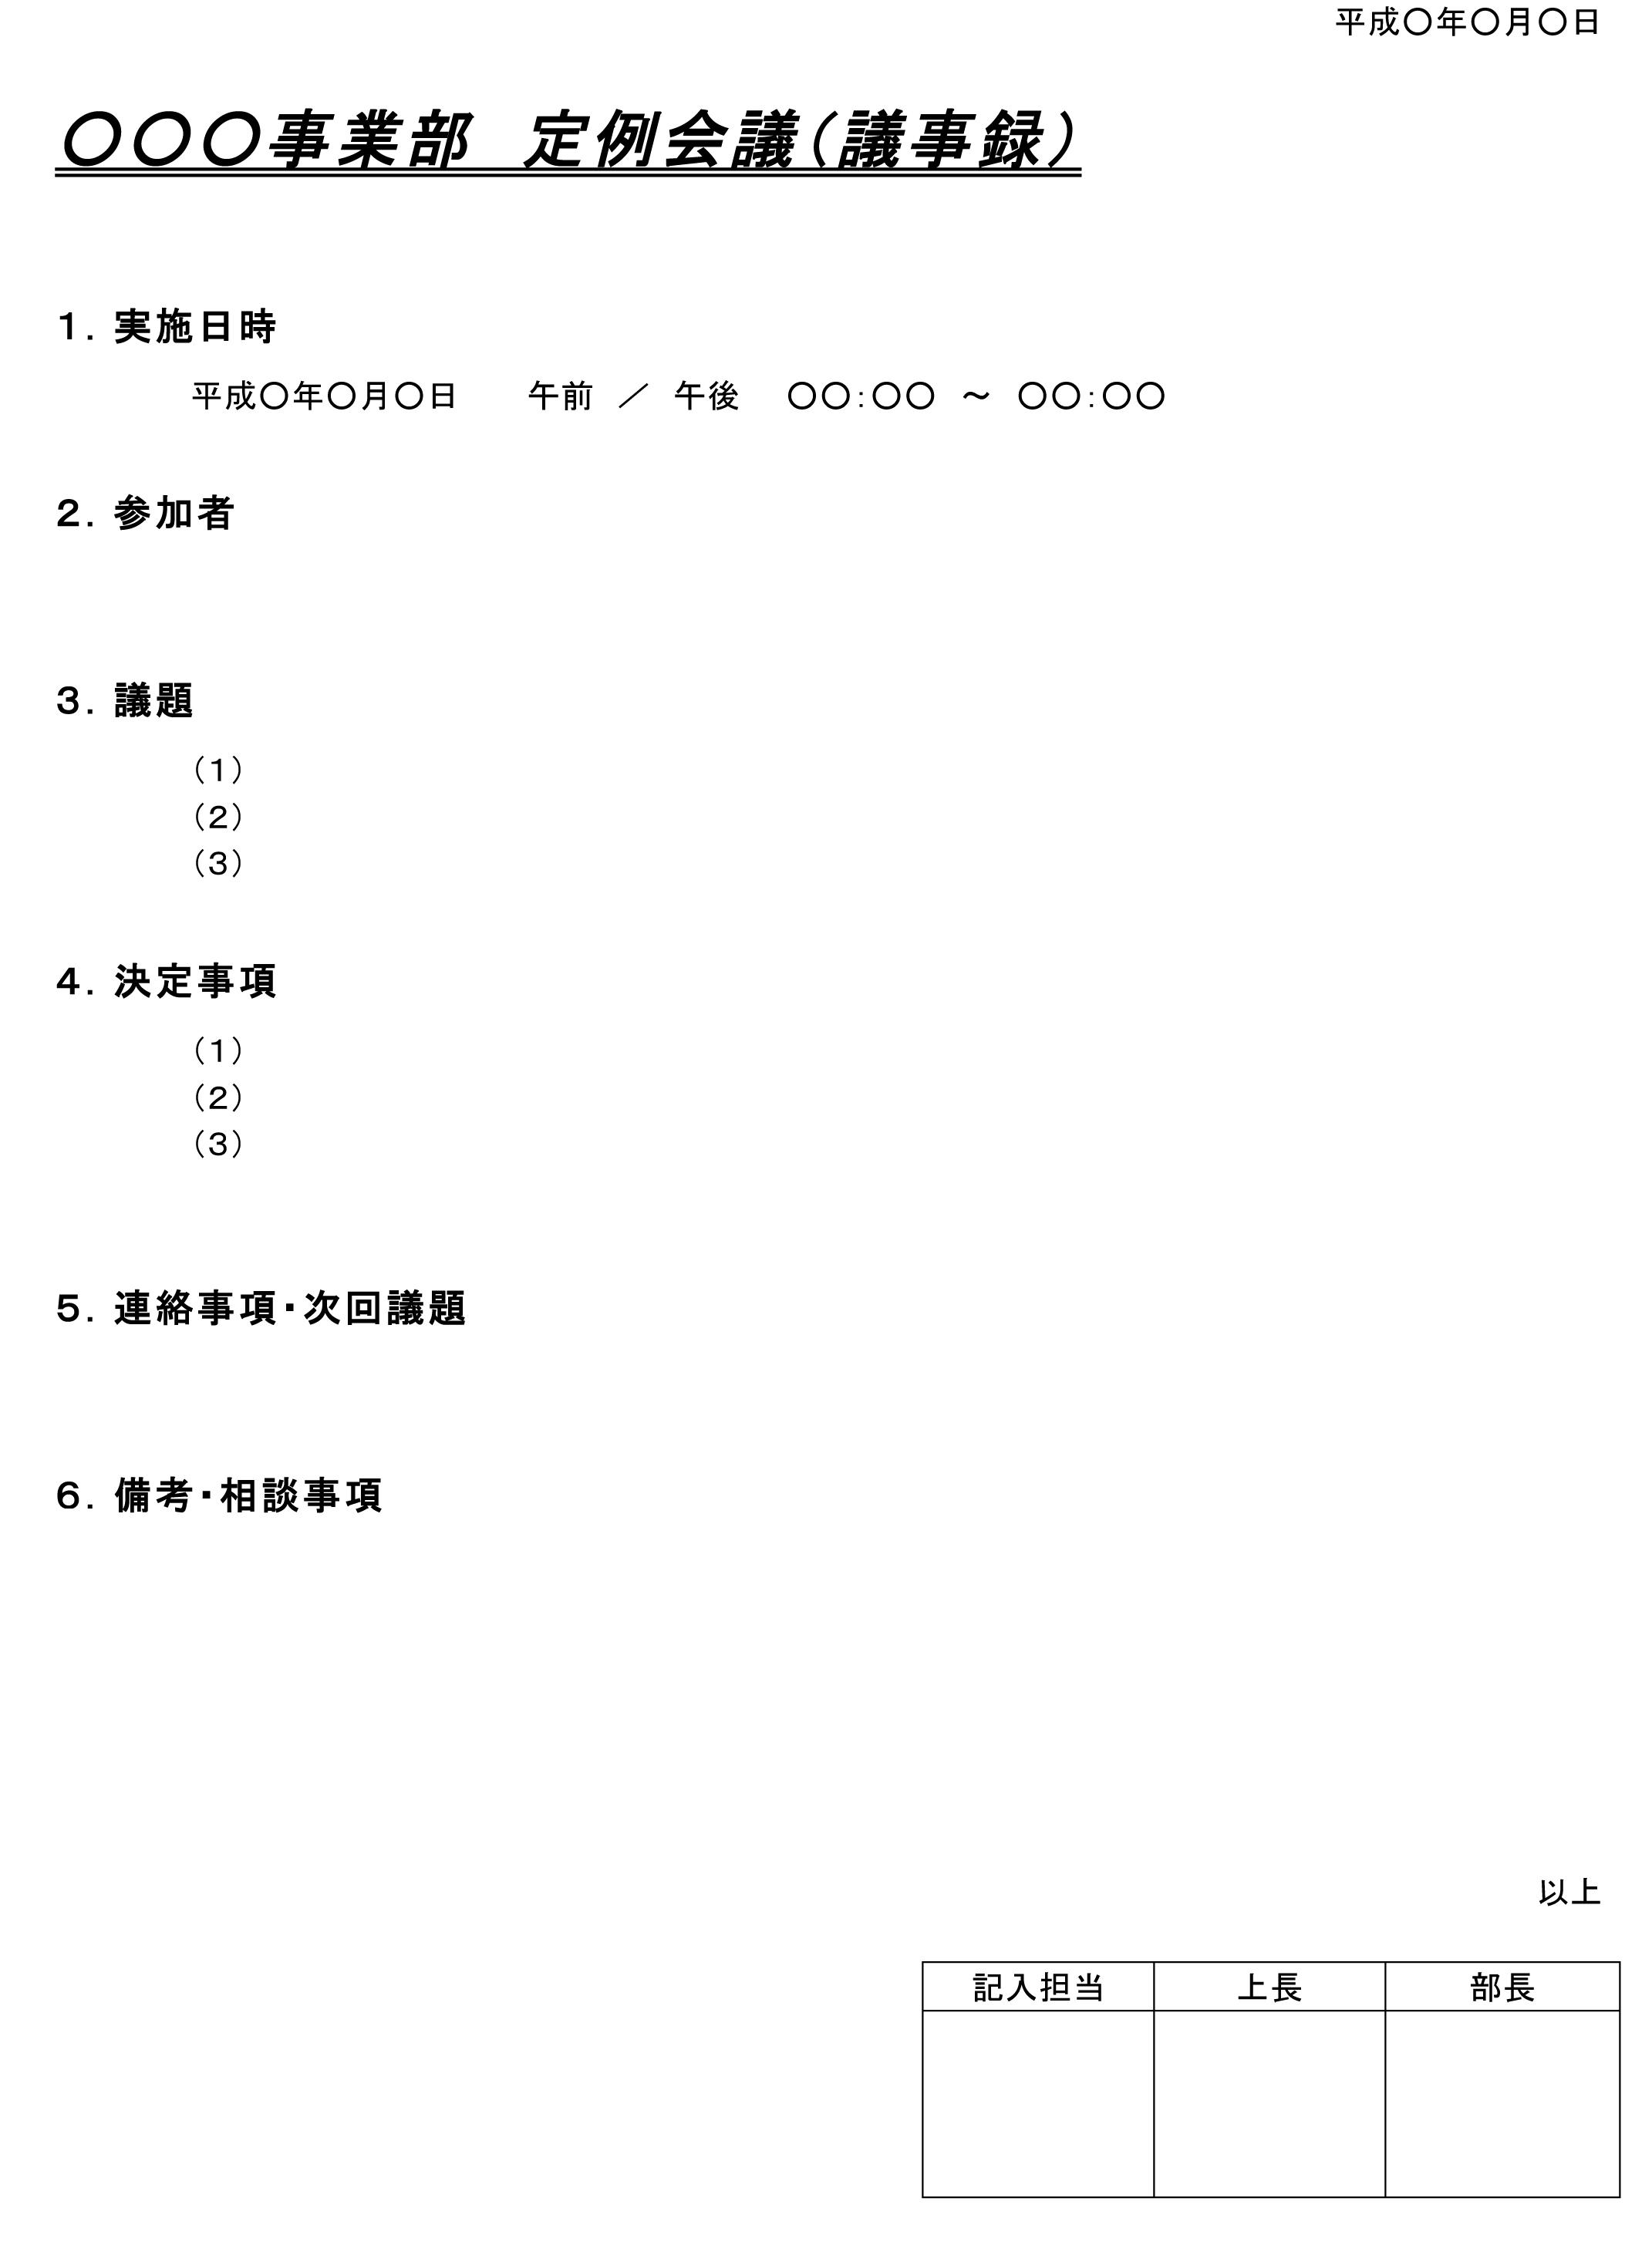 議事録(定例会議)